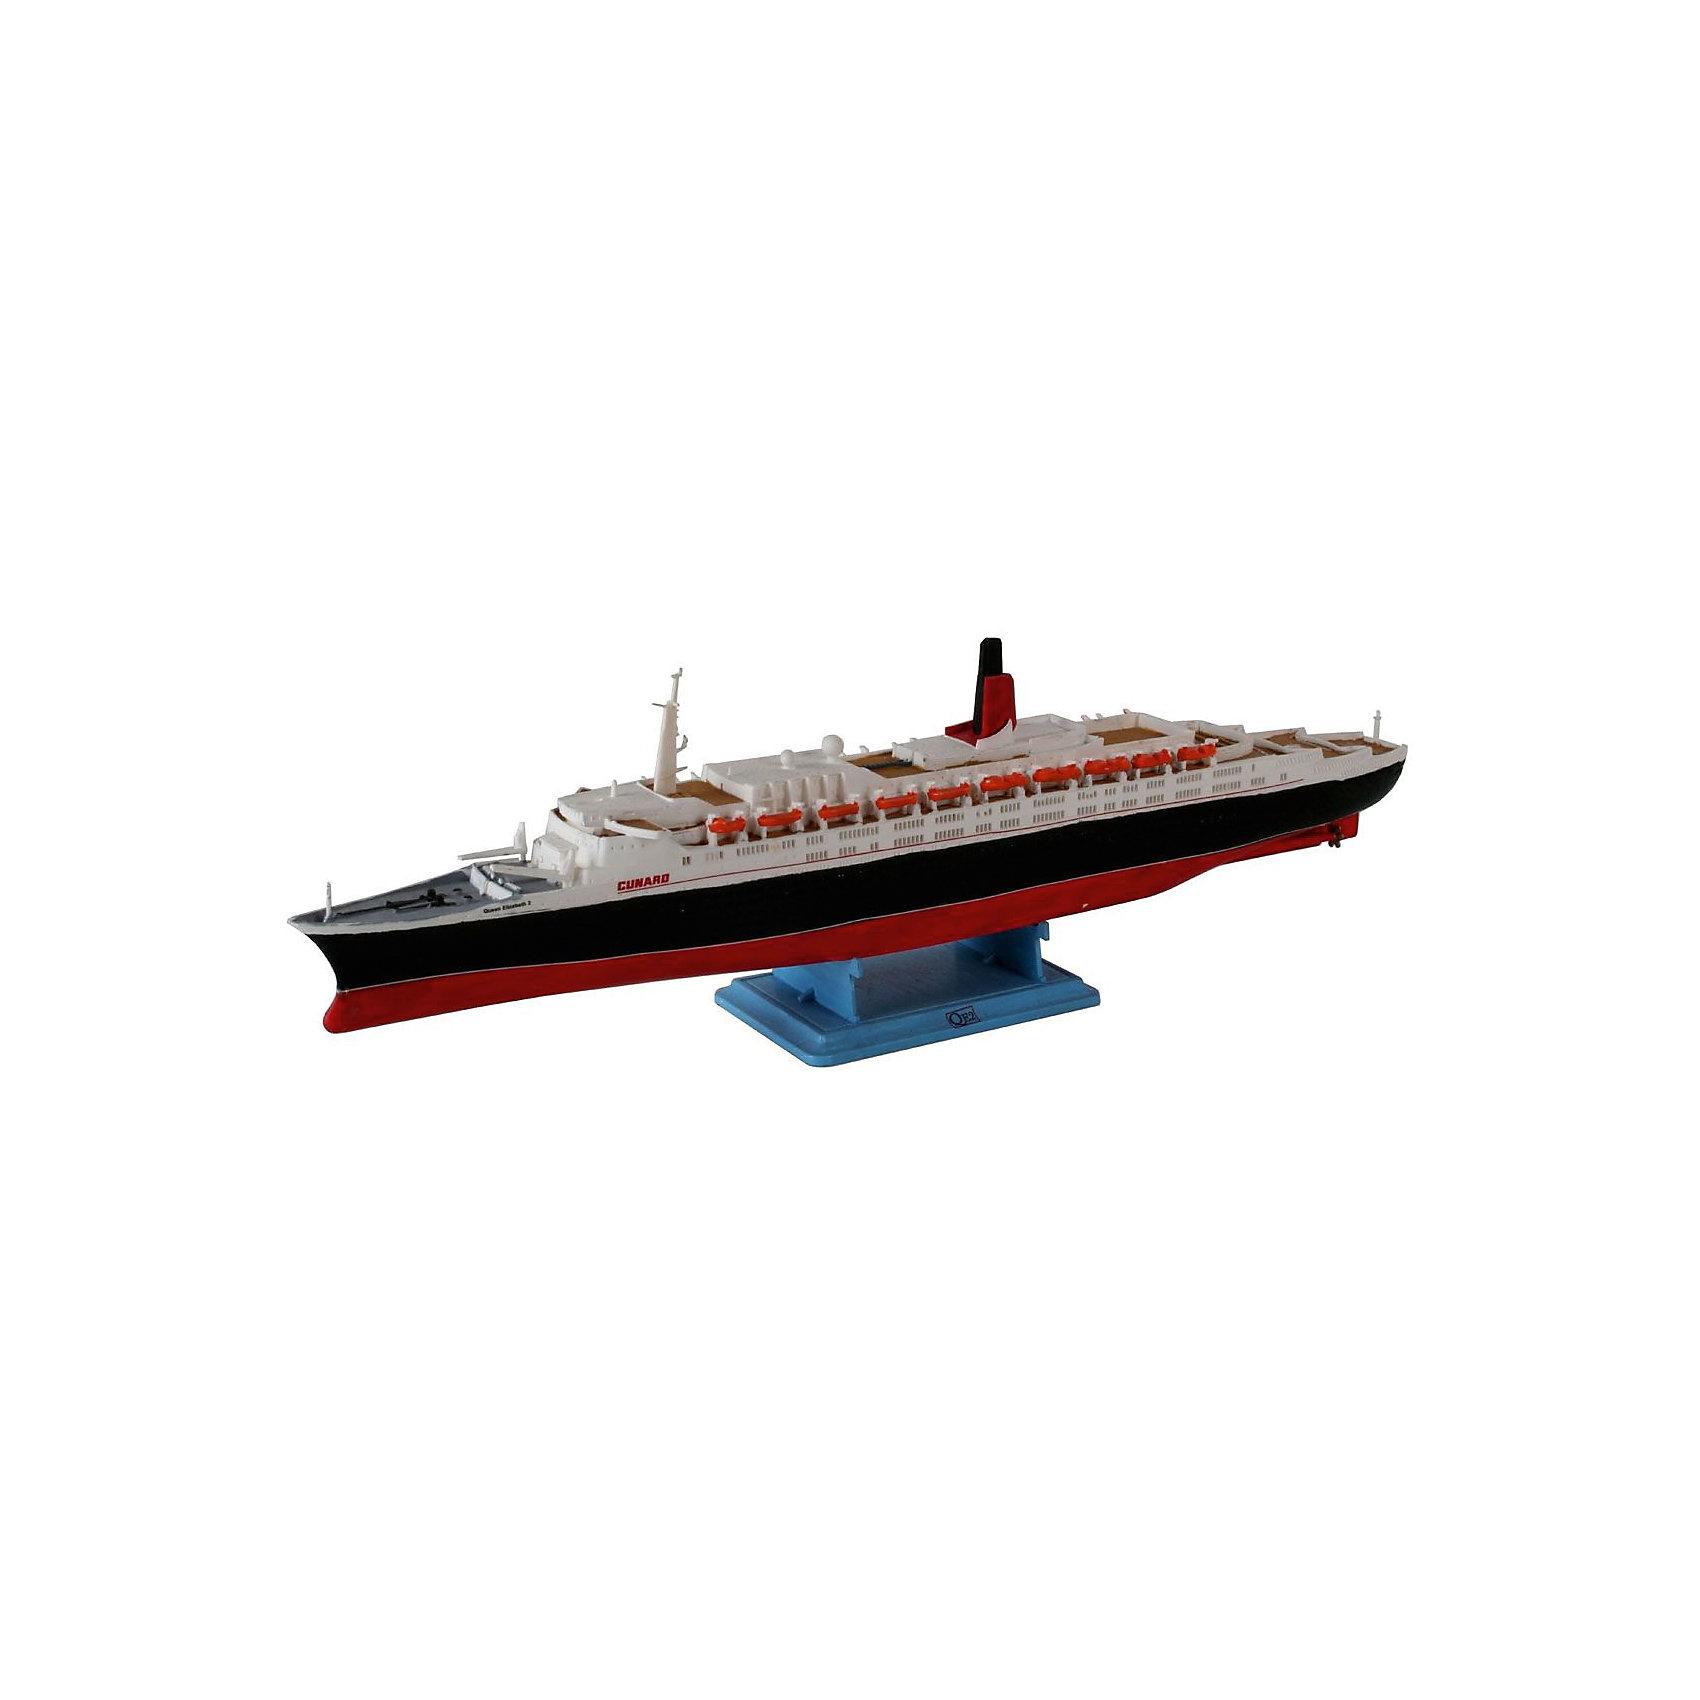 Пароход Queen Elizabeth II, RevellКорабли и лодки<br>Характеристики товара:<br><br>• возраст от 10 лет;<br>• материал: пластик;<br>• в комплекте: 36 деталей;<br>• длина собранной модели 24,4 см;<br>• масштаб 1:1200;<br>• размер упаковки 25,2х13,2х3,5 см;<br>• вес упаковки 150 гр.;<br>• страна производитель: Польша.<br><br>Сборная модель «Пароход Queen Elizabeth II» Revell позволит собрать модель известного лайнера Queen Elizabeth II. Детали легко соединяются между собой. Готовую модель для прочности следует склеить, а также раскрасить (клей и краски с комплект не входят). В процессе сборки у детей развиваются мышление, логика, усидчивость, внимательность.<br><br>Пароход Queen Elizabeth II Revell можно приобрести в нашем интернет-магазине.<br><br>Ширина мм: 9999<br>Глубина мм: 9999<br>Высота мм: 9999<br>Вес г: 9999<br>Возраст от месяцев: -2147483648<br>Возраст до месяцев: 2147483647<br>Пол: Унисекс<br>Возраст: Детский<br>SKU: 1772851